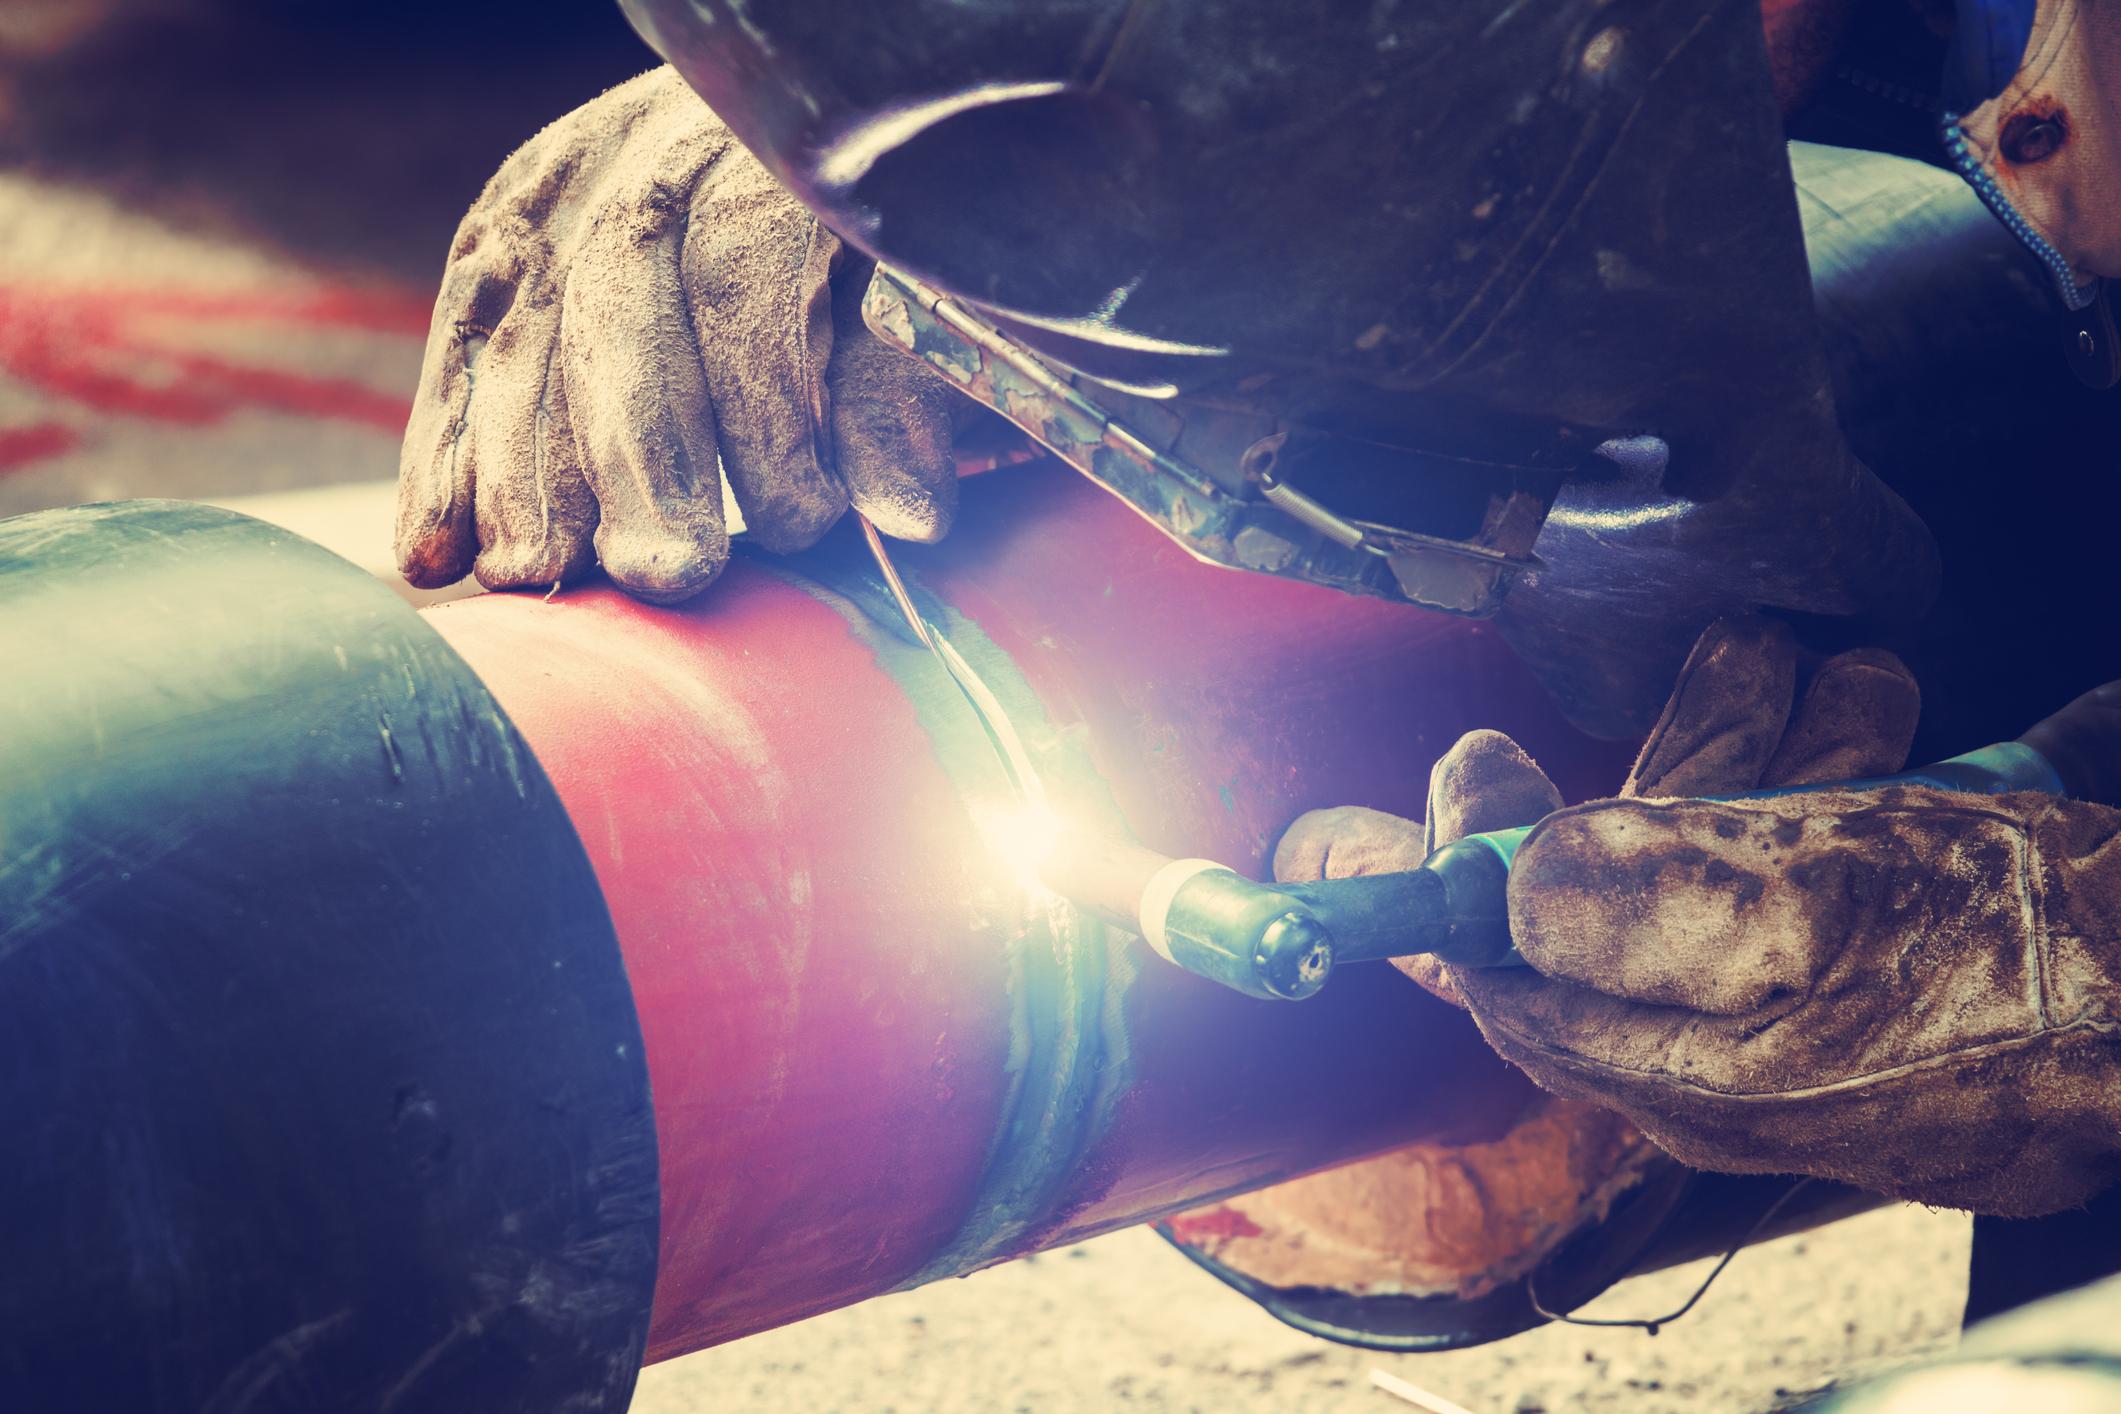 A welder on a pipeline.